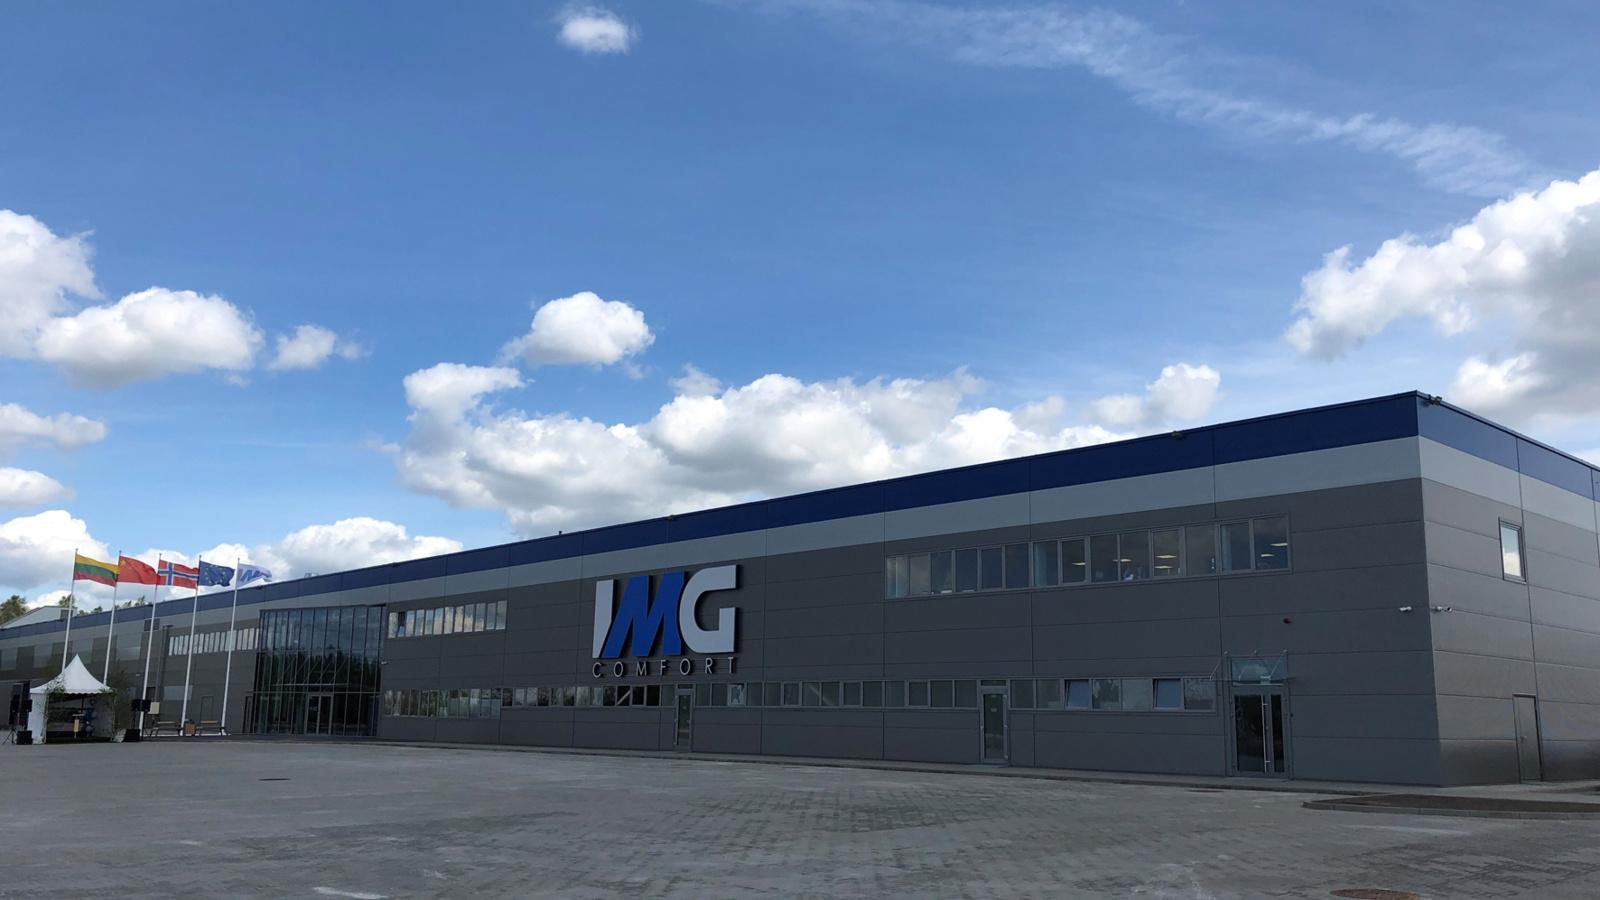 Panevėžio LEZ atidaroma baldų gamykla ir skirstymo centras: sukurta daugiau nei 125 darbo vietos